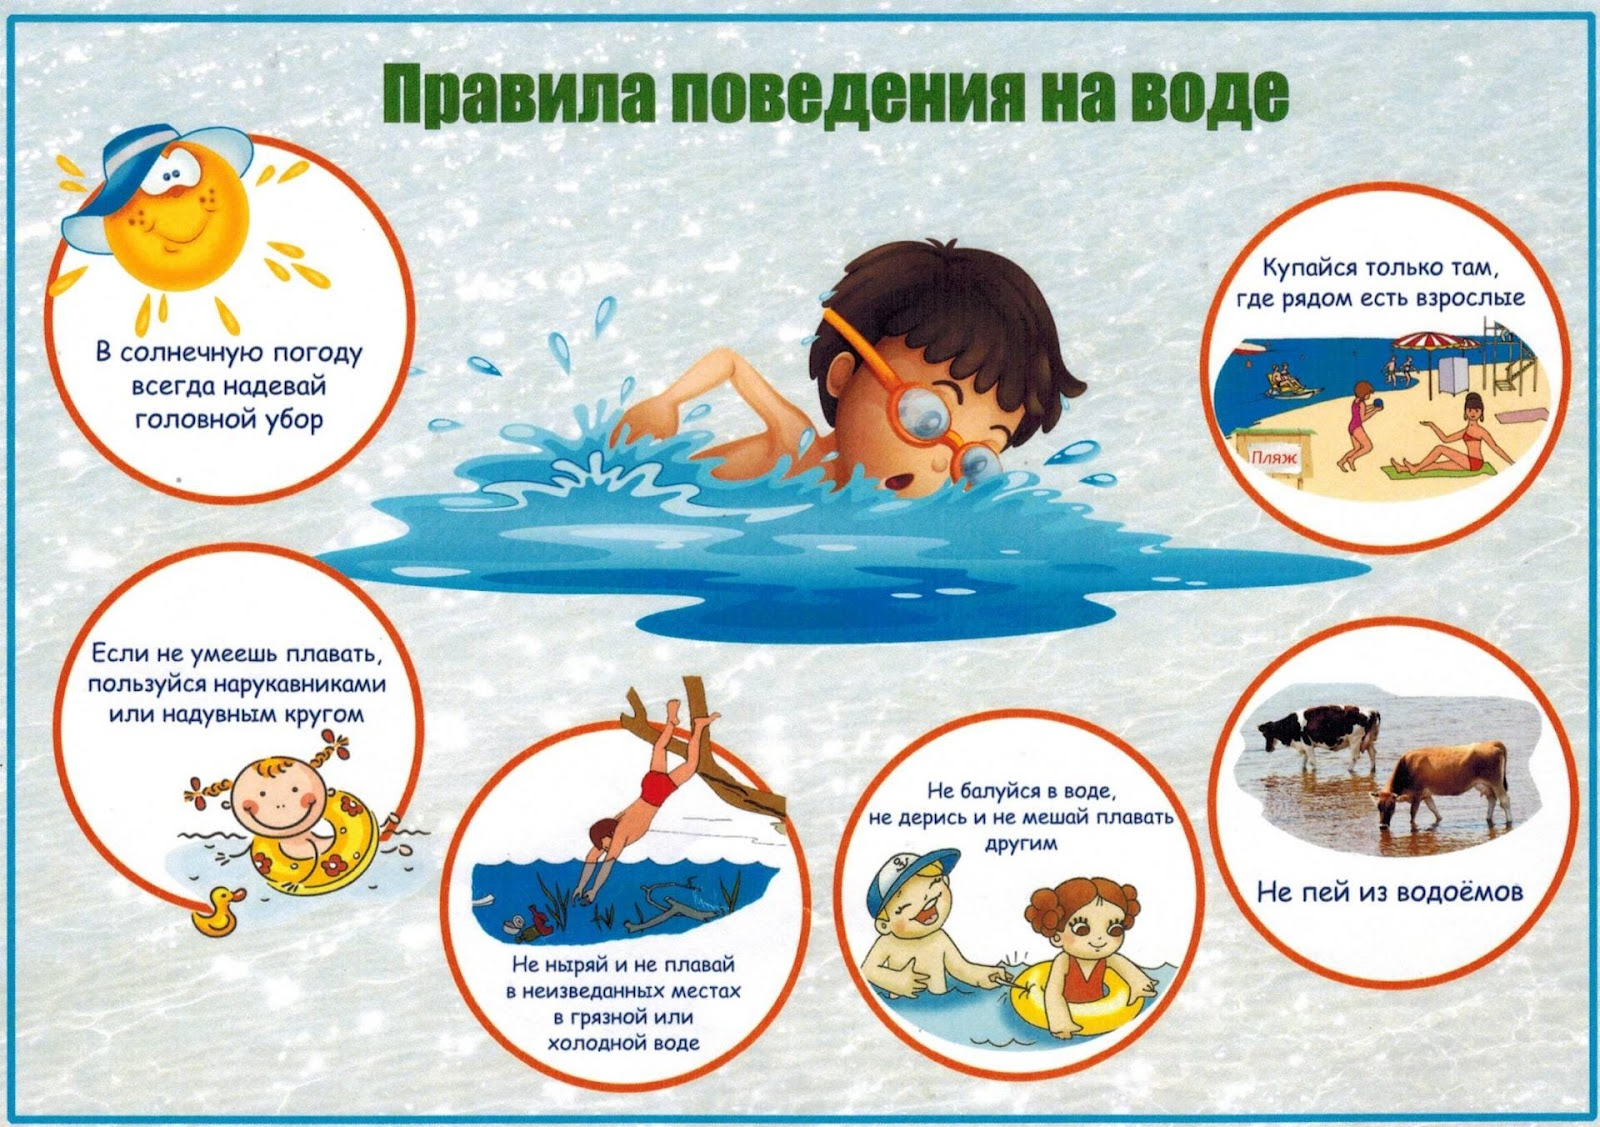 C:\Users\User\Desktop\Барышникова Е.В\Безопасность на воде\p5.jpg